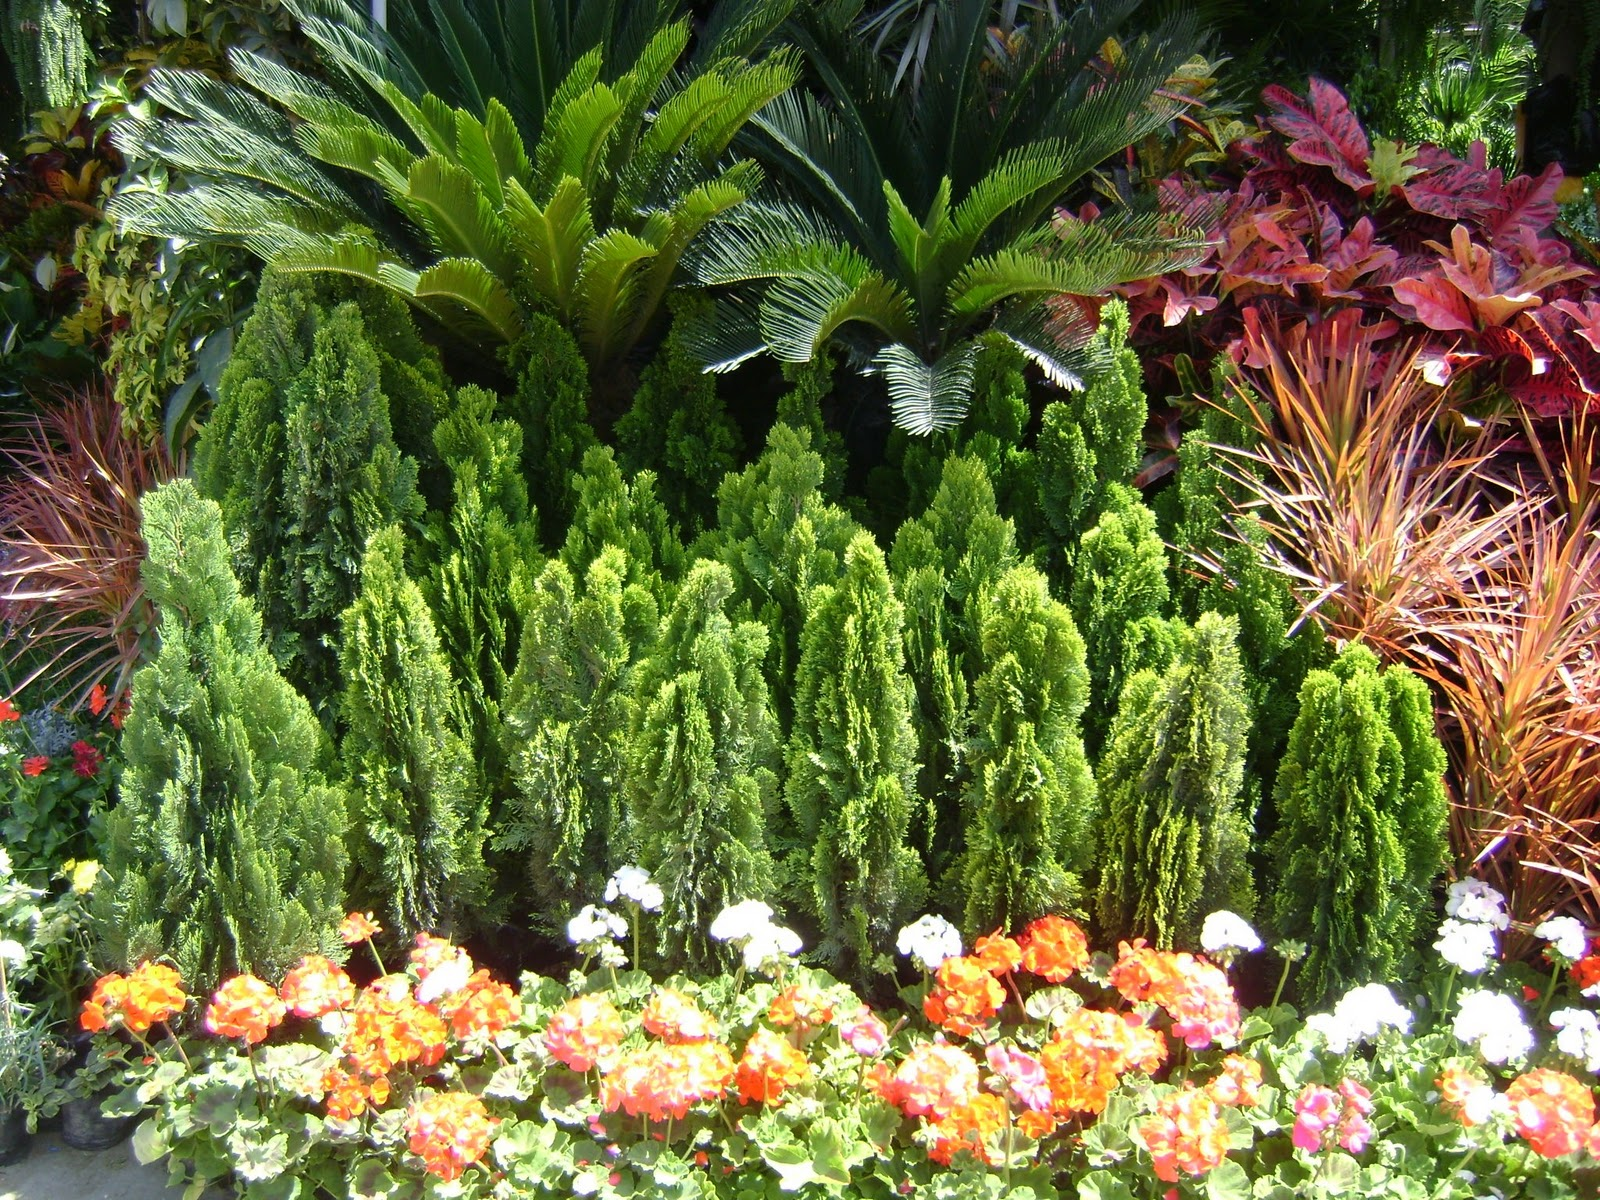 Jardines y macetas fotos de plantas de interior y exterior - Jardin decoracion exterior ...